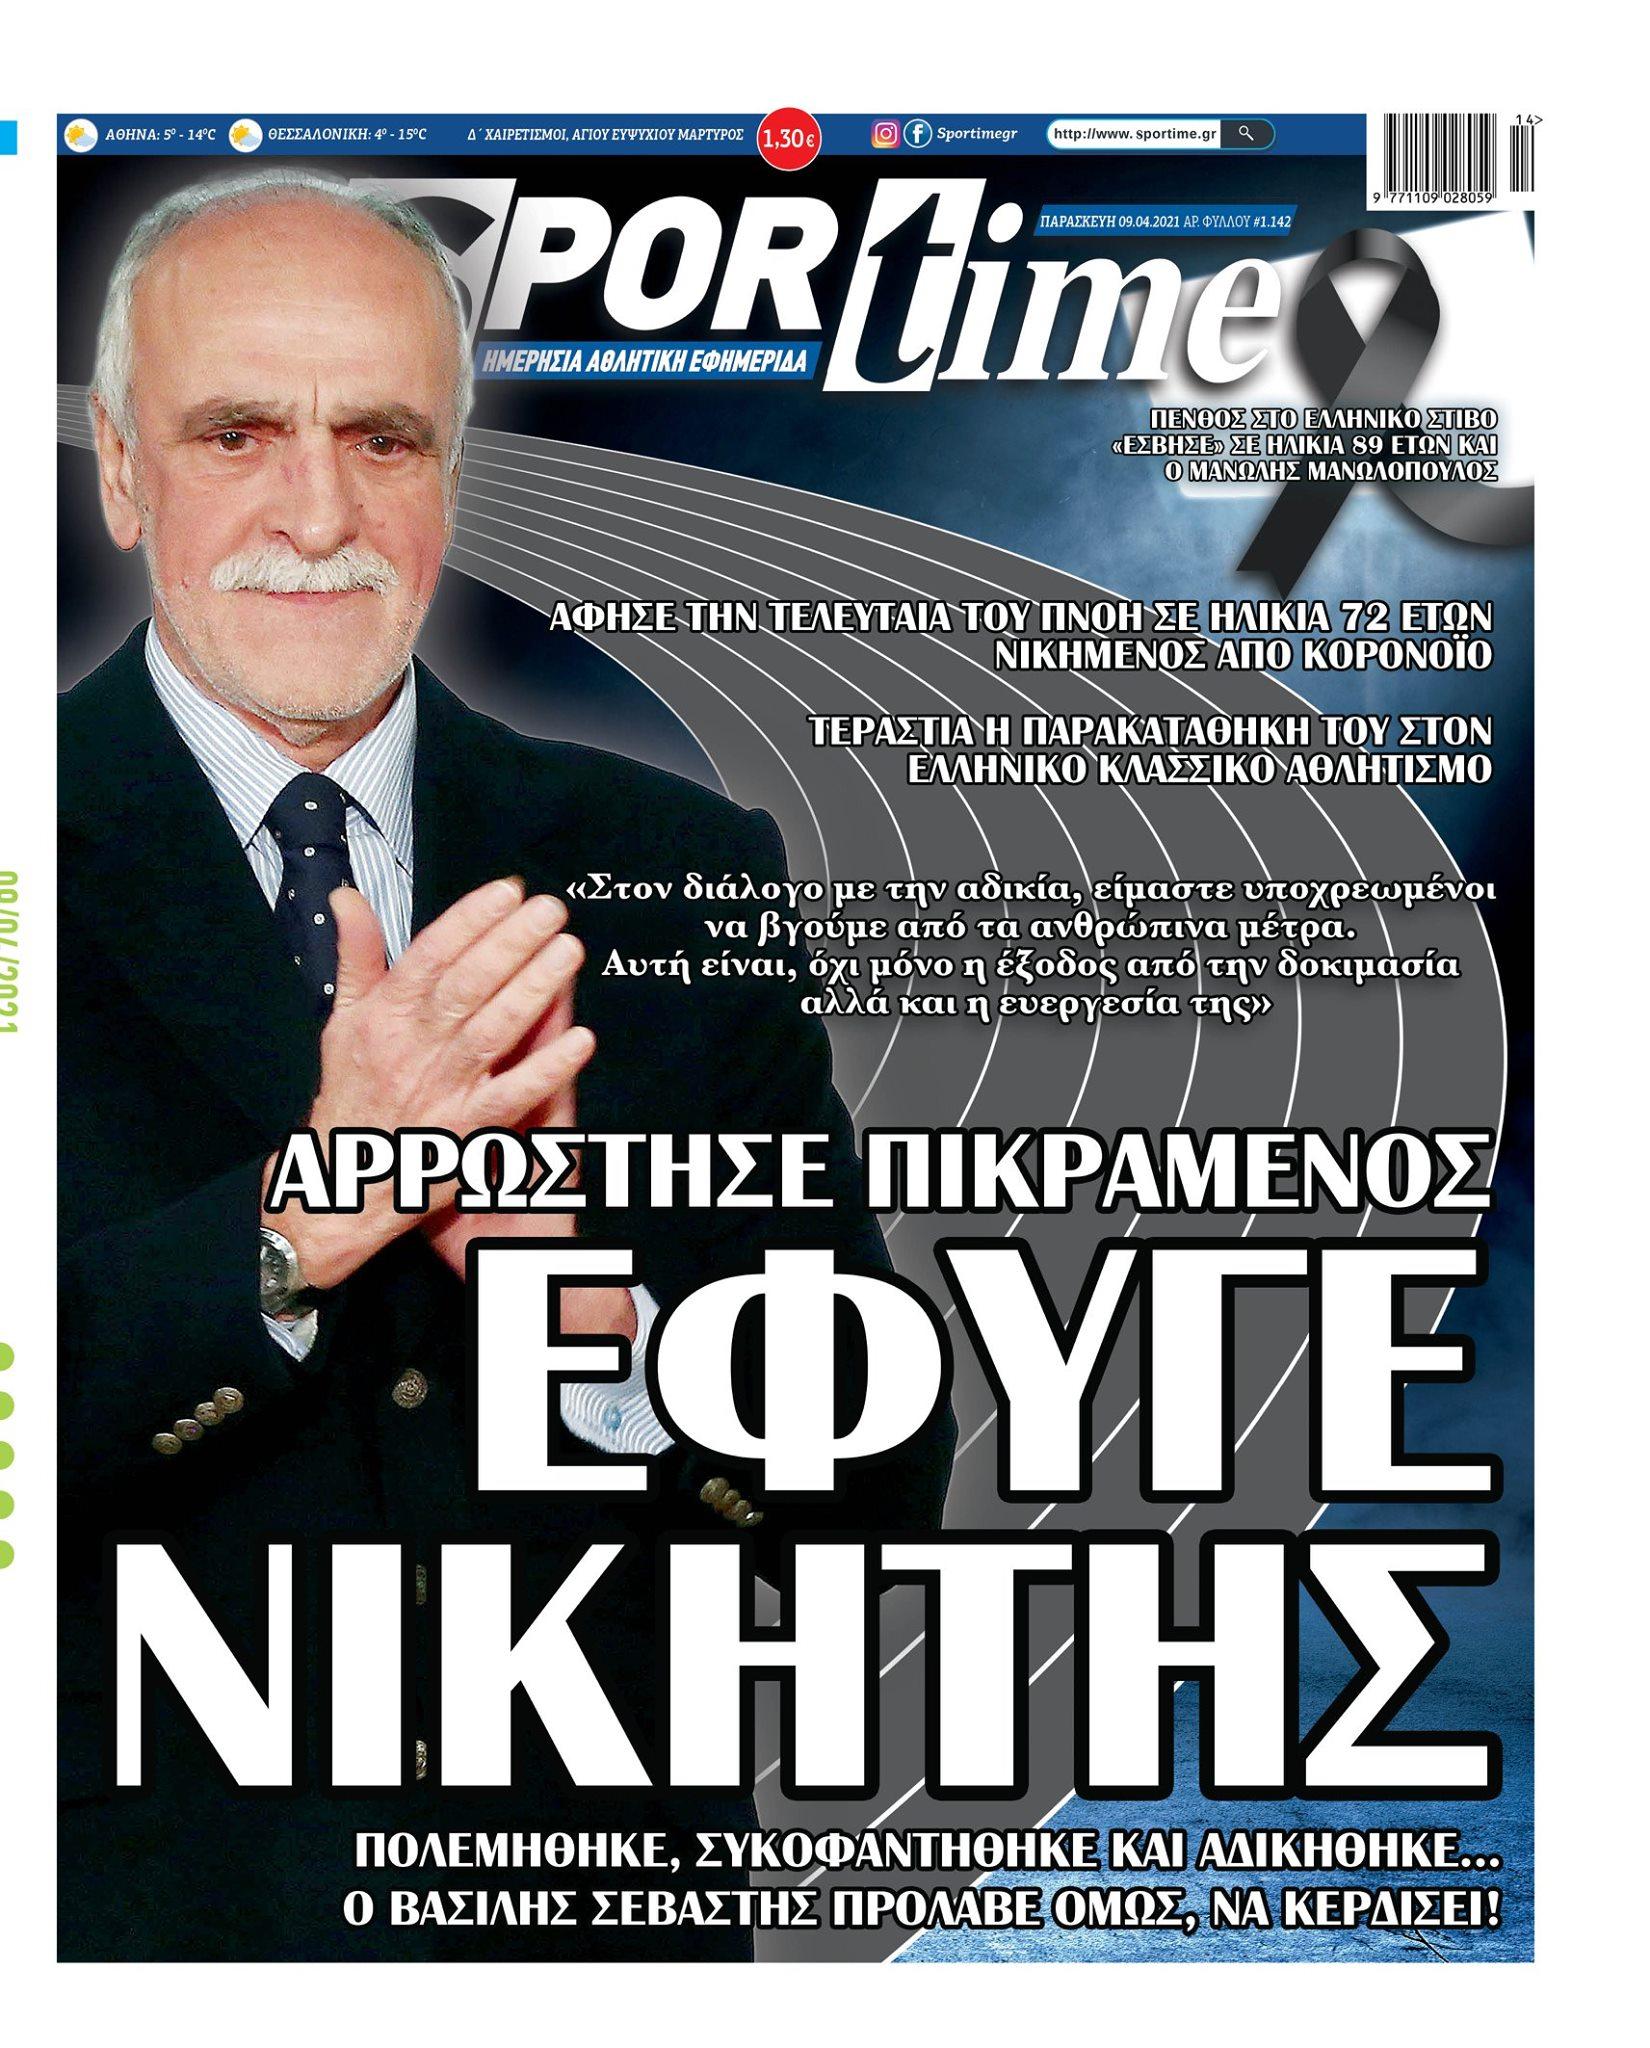 Εφημερίδα SPORTIME - Εξώφυλλο φύλλου 9/4/2021